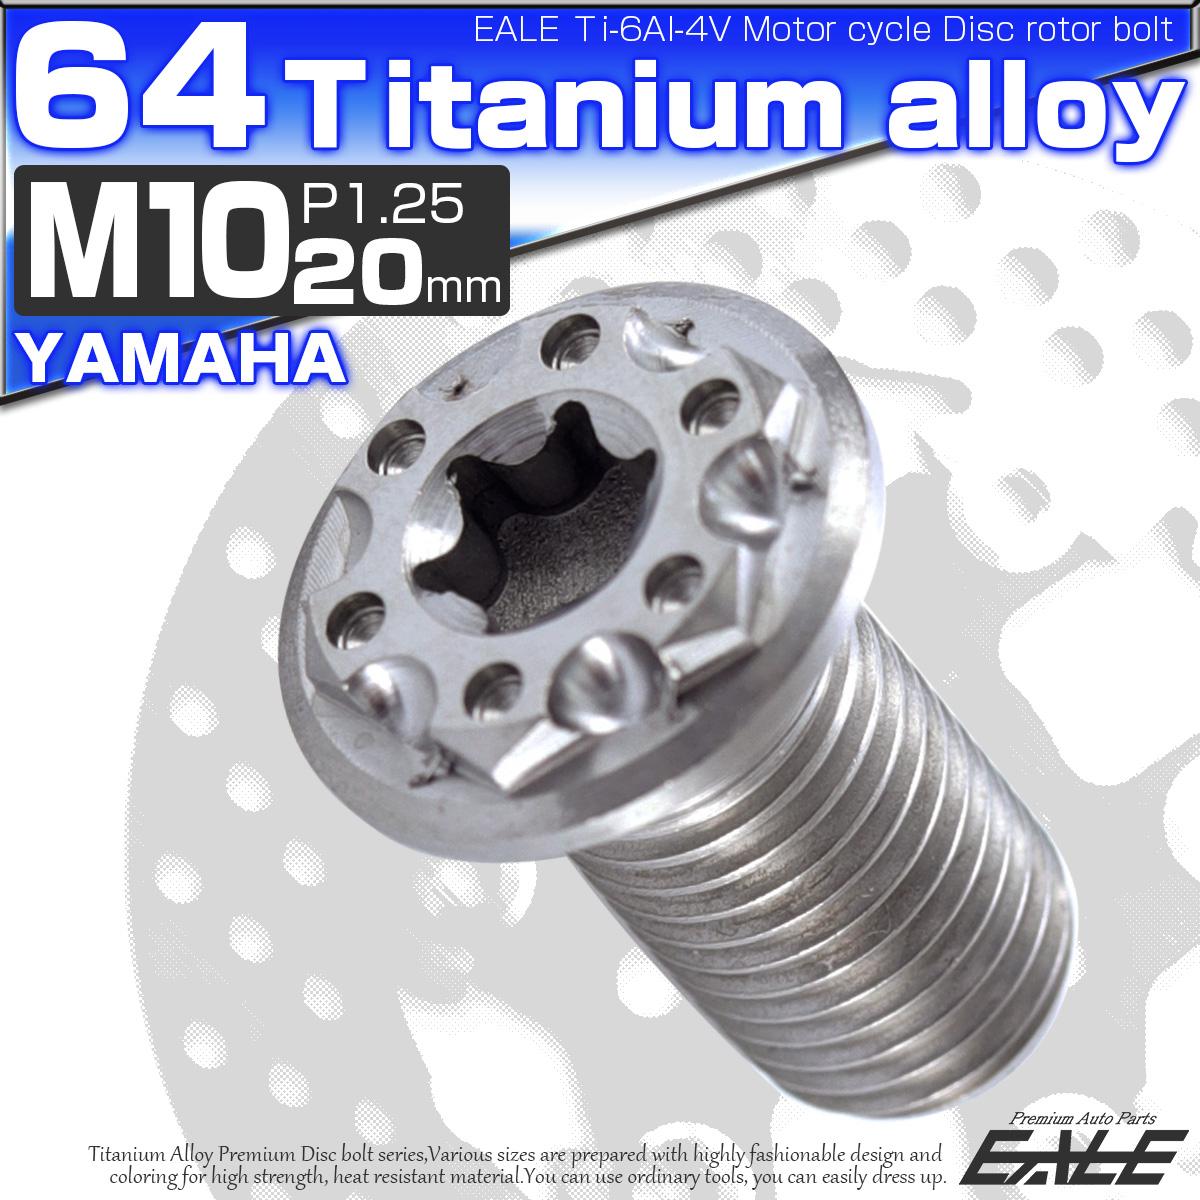 64チタン M10×20mm P=1.25 ブレーキディスク ローター ボルト ヤマハ車用 シルバー 原色 JA223